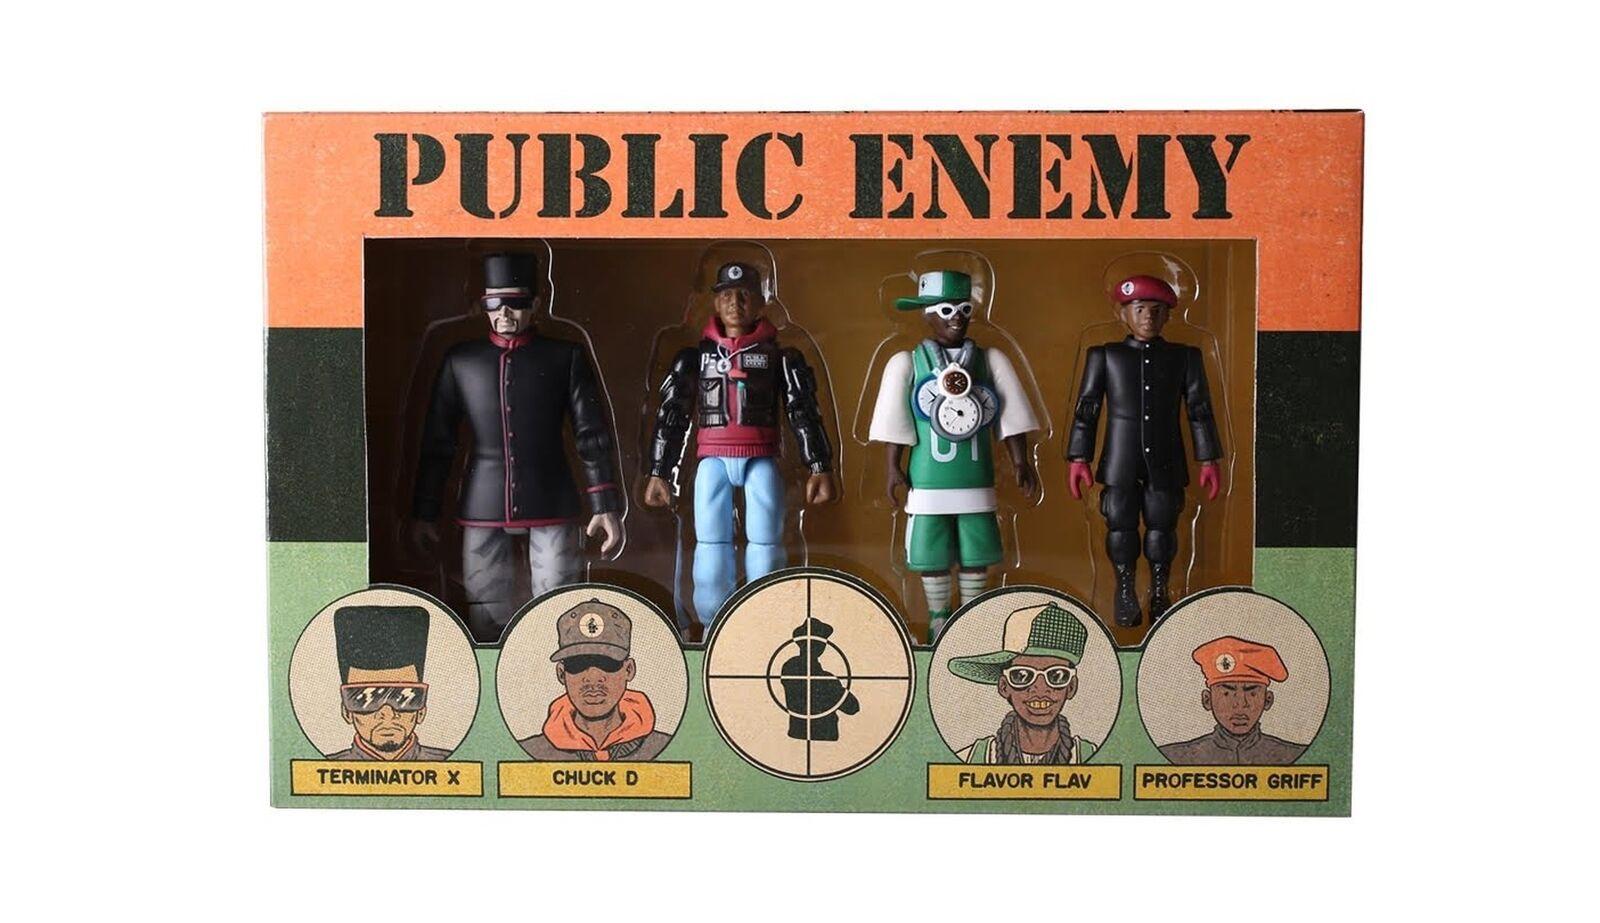 Azione cifra  Set - Public Enemy  costo effettivo